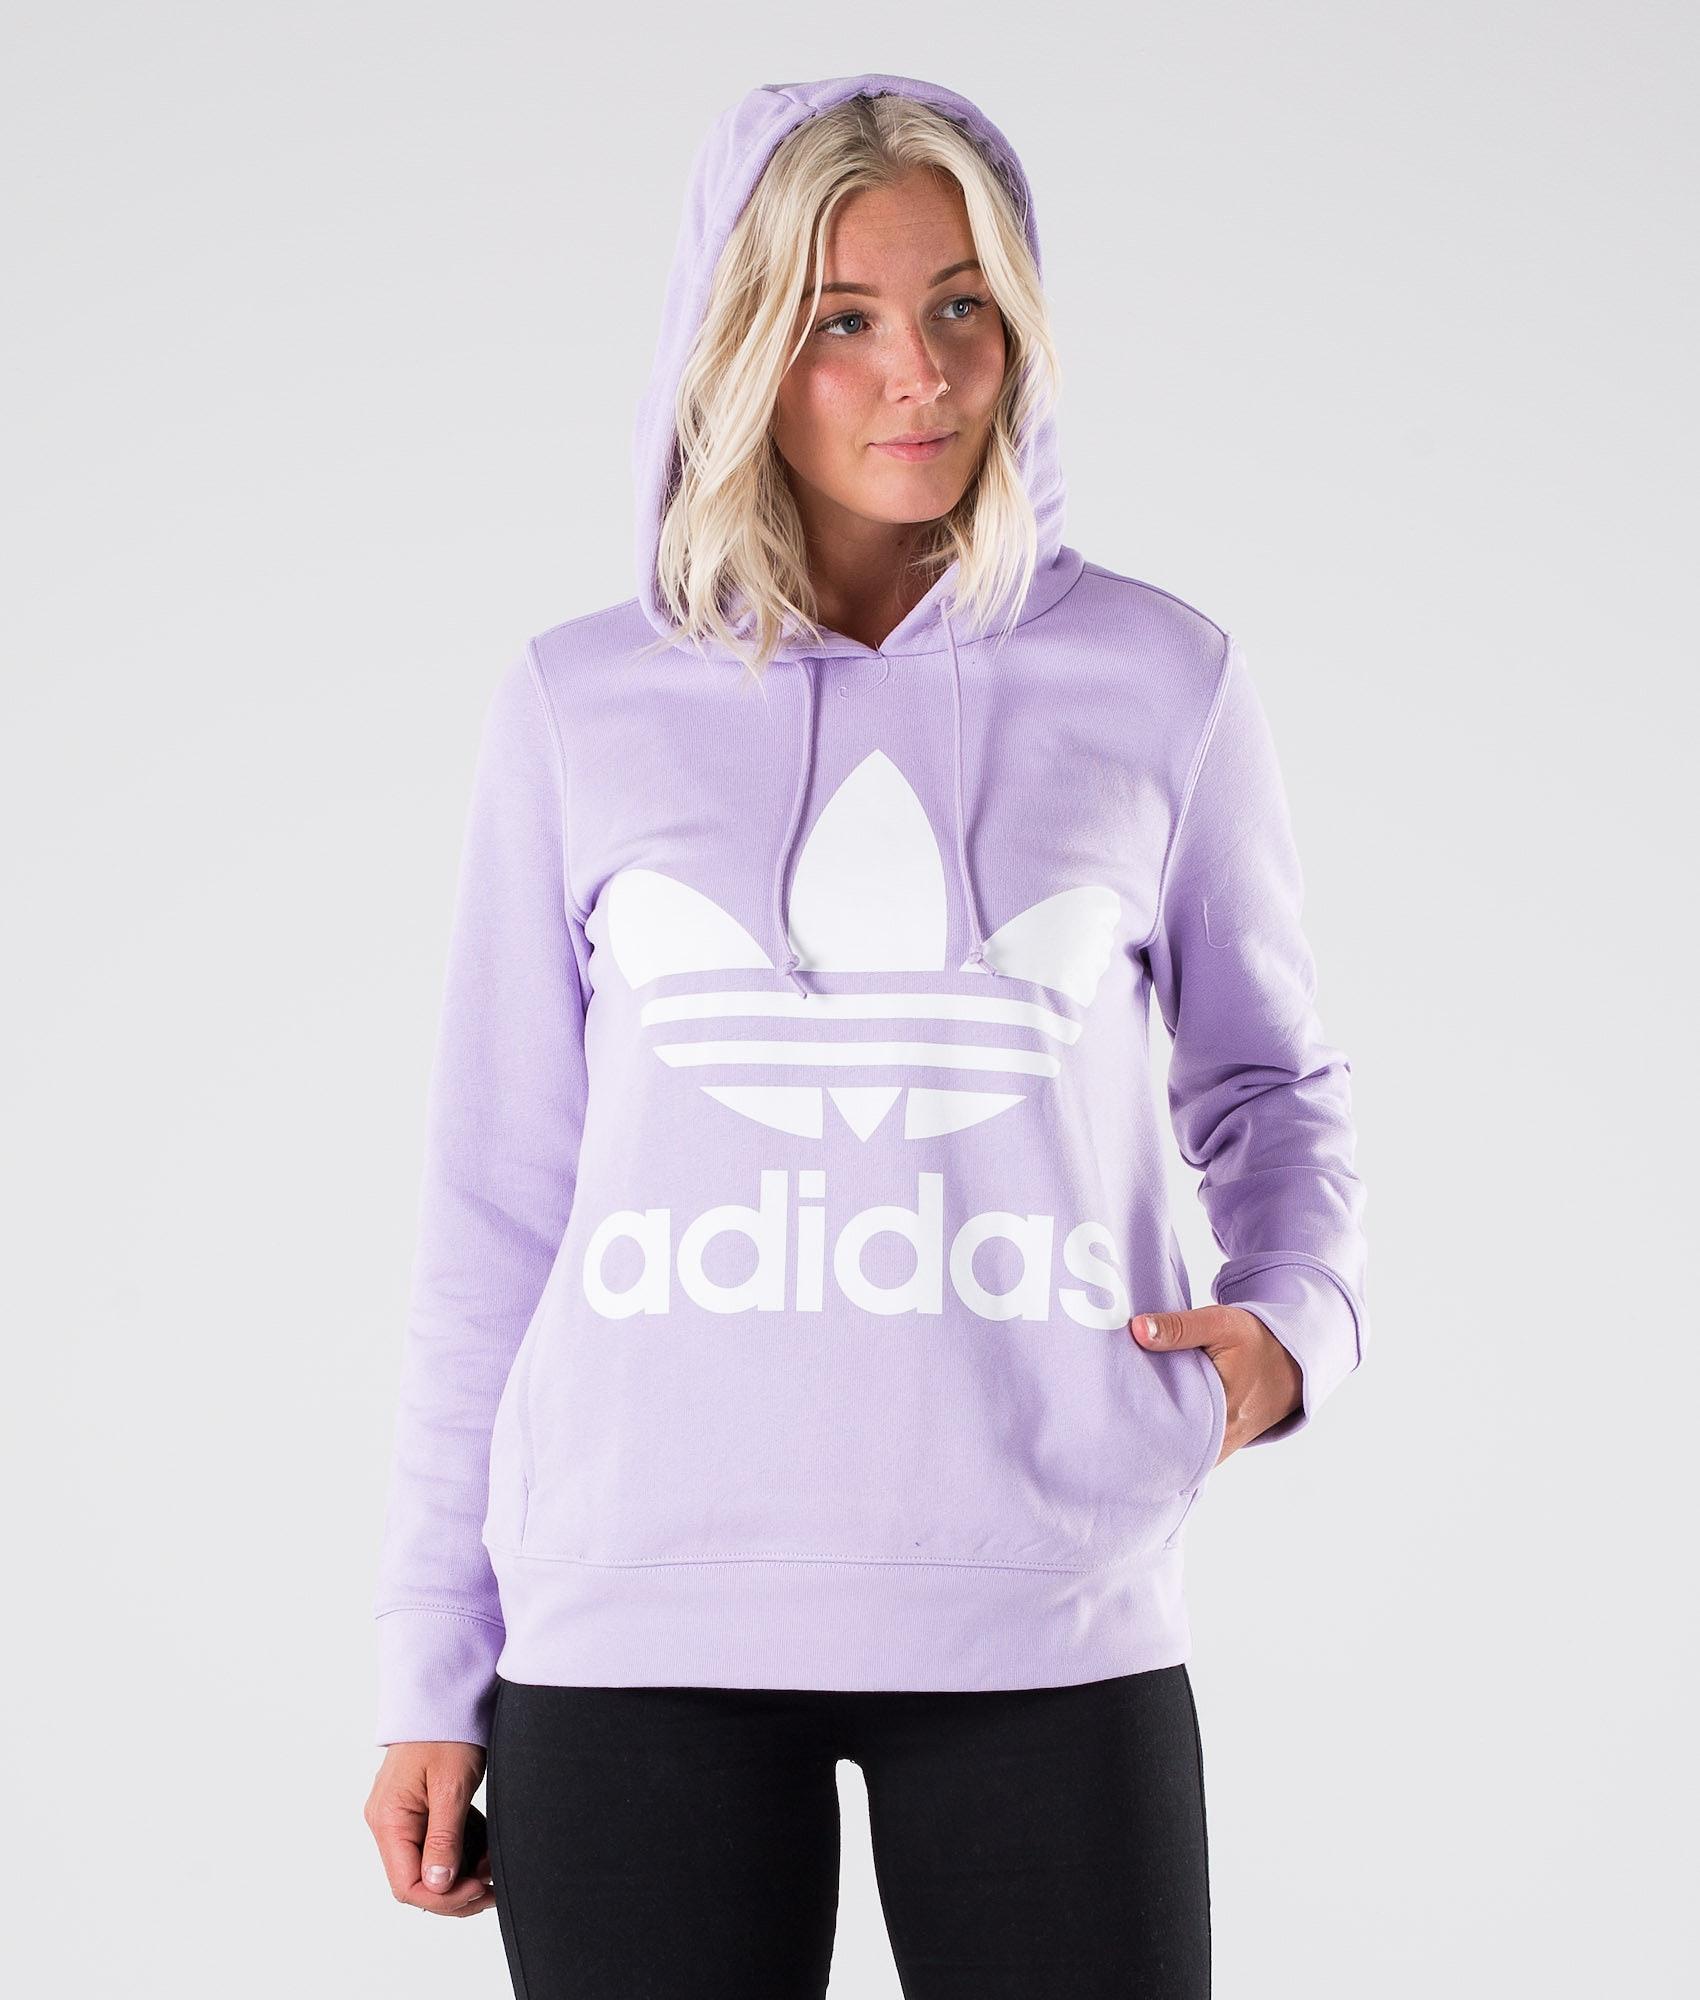 f9c8c4f44151c Adidas Originals Trefoil Hoodie Purple Glow - Ridestore.com